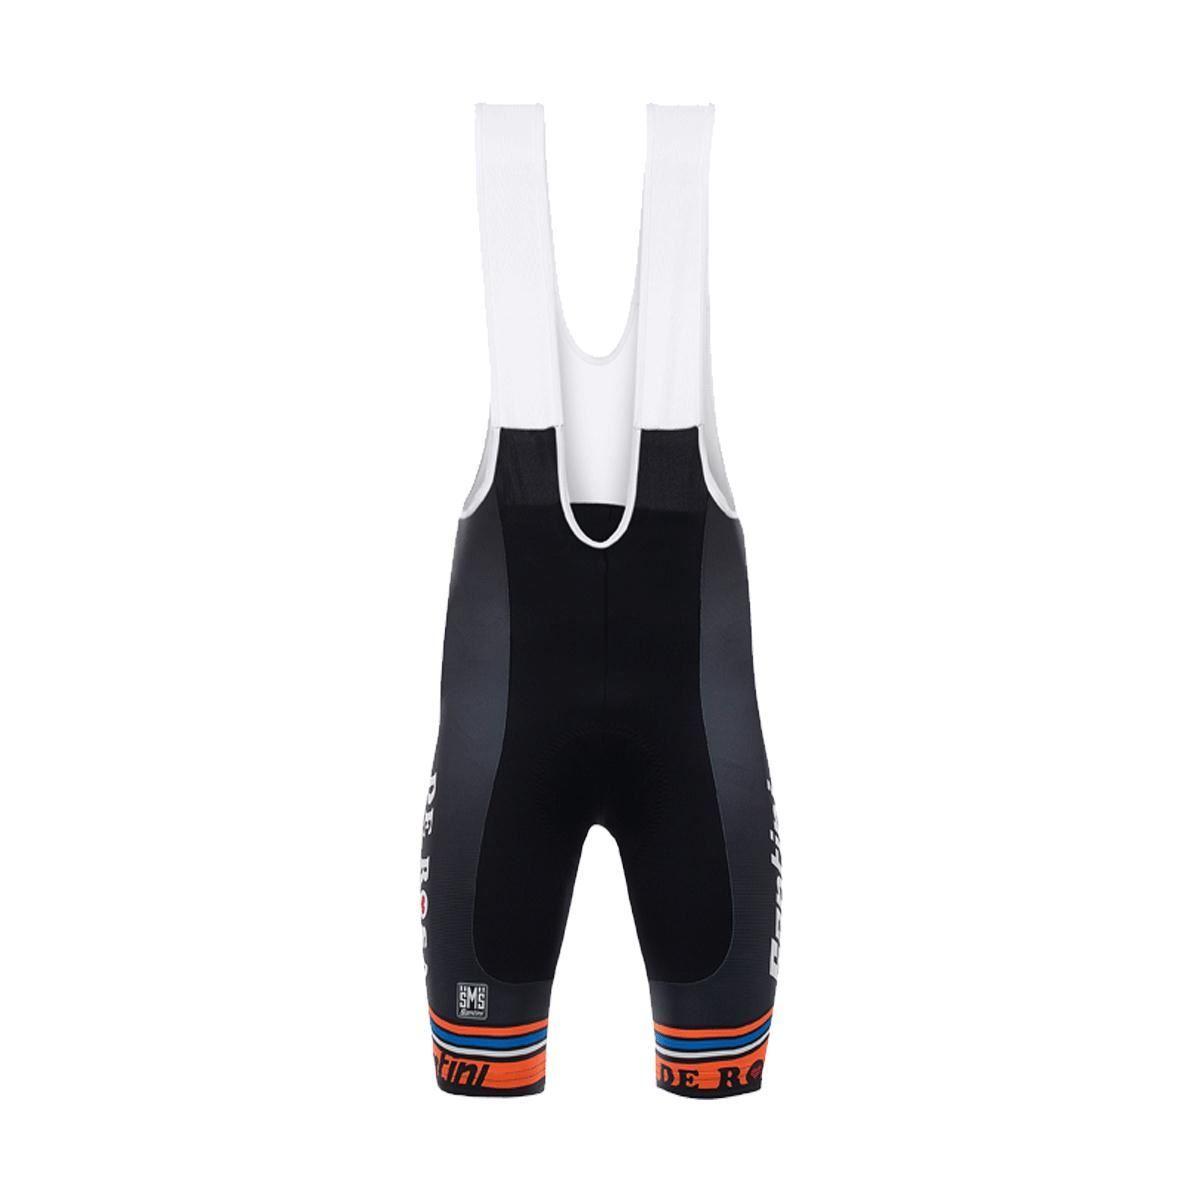 Santini De Rosa 17 Bib Shorts Max 2 Pad 2017: Black Xl